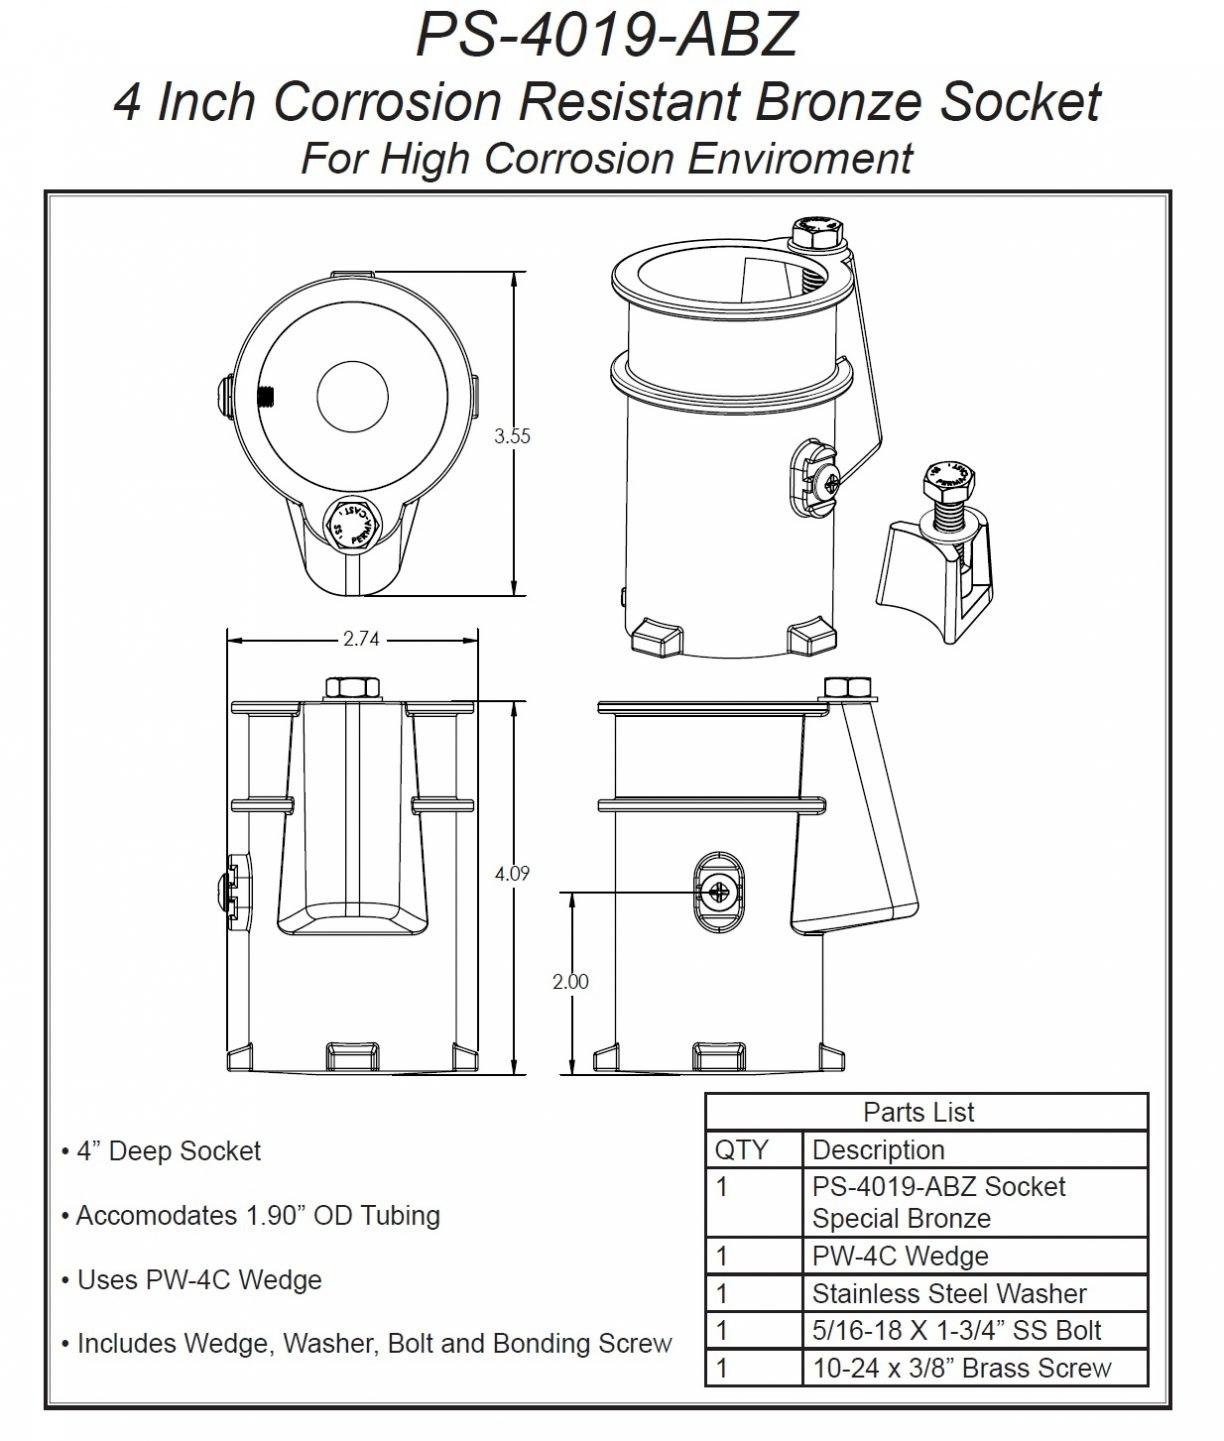 Hayward Pool Pump Motor Wiring Diagrams - Wiring Diagrams Folder on